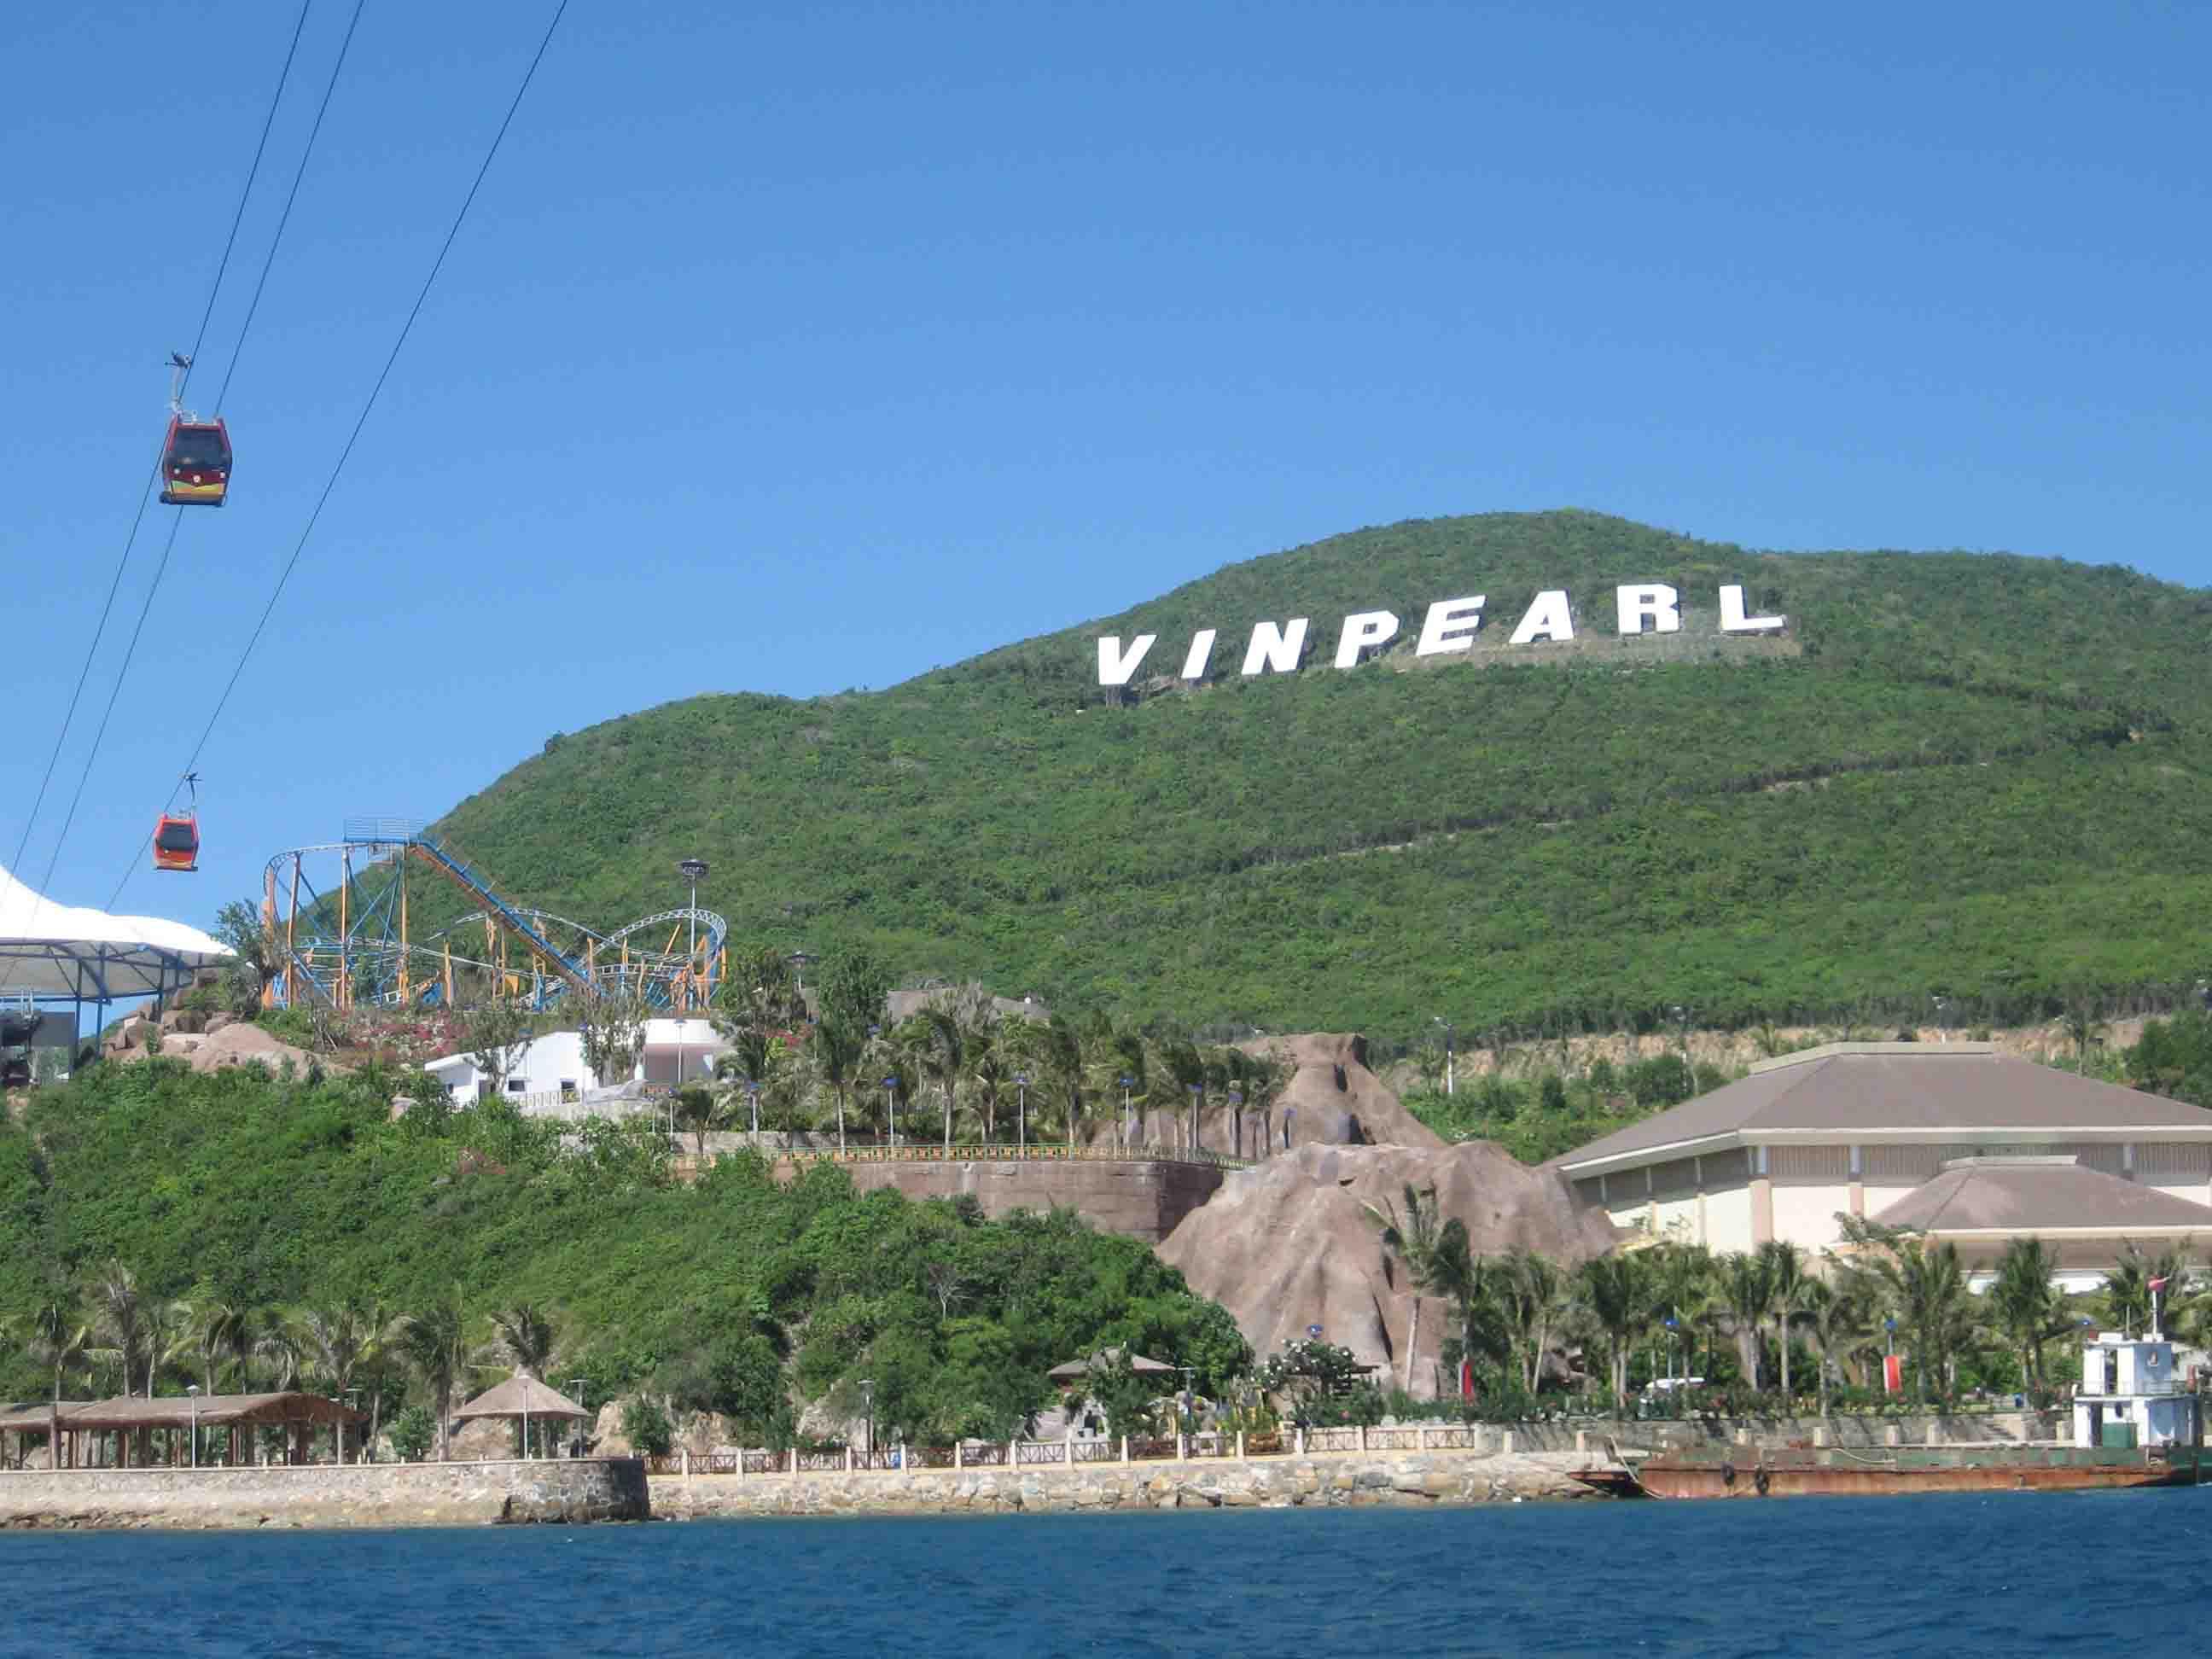 Du lịch Vinpearl Land 4 ngày 3 đêm